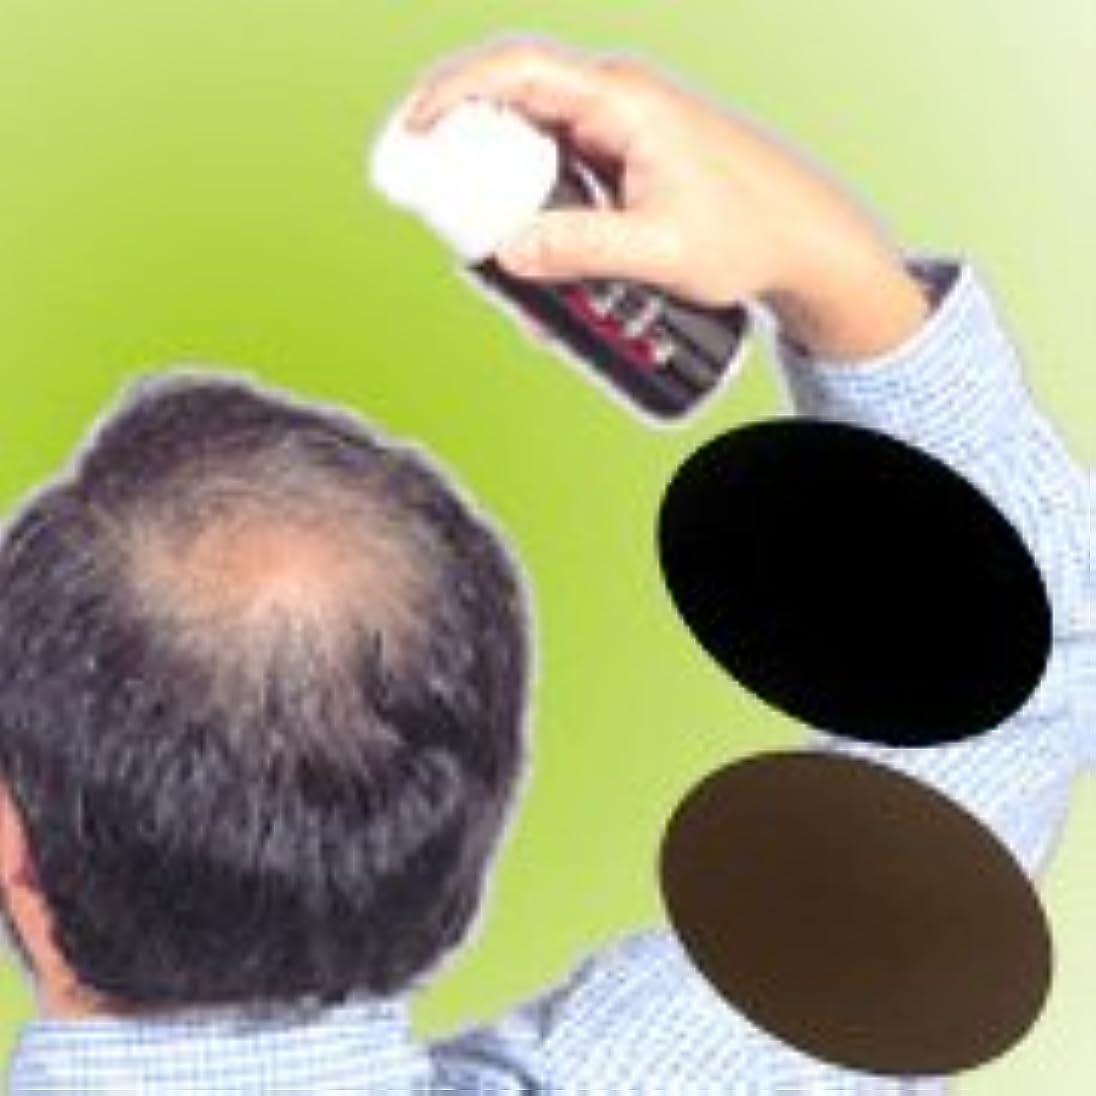 薄毛?白髪をワンタッチで隠します!男女兼用タイプの増毛スプレー!!【トミーリッチ ブラックヘアー】 (こちらの商品の内訳は『18000100_ブラック<数量12単位>』のみ)